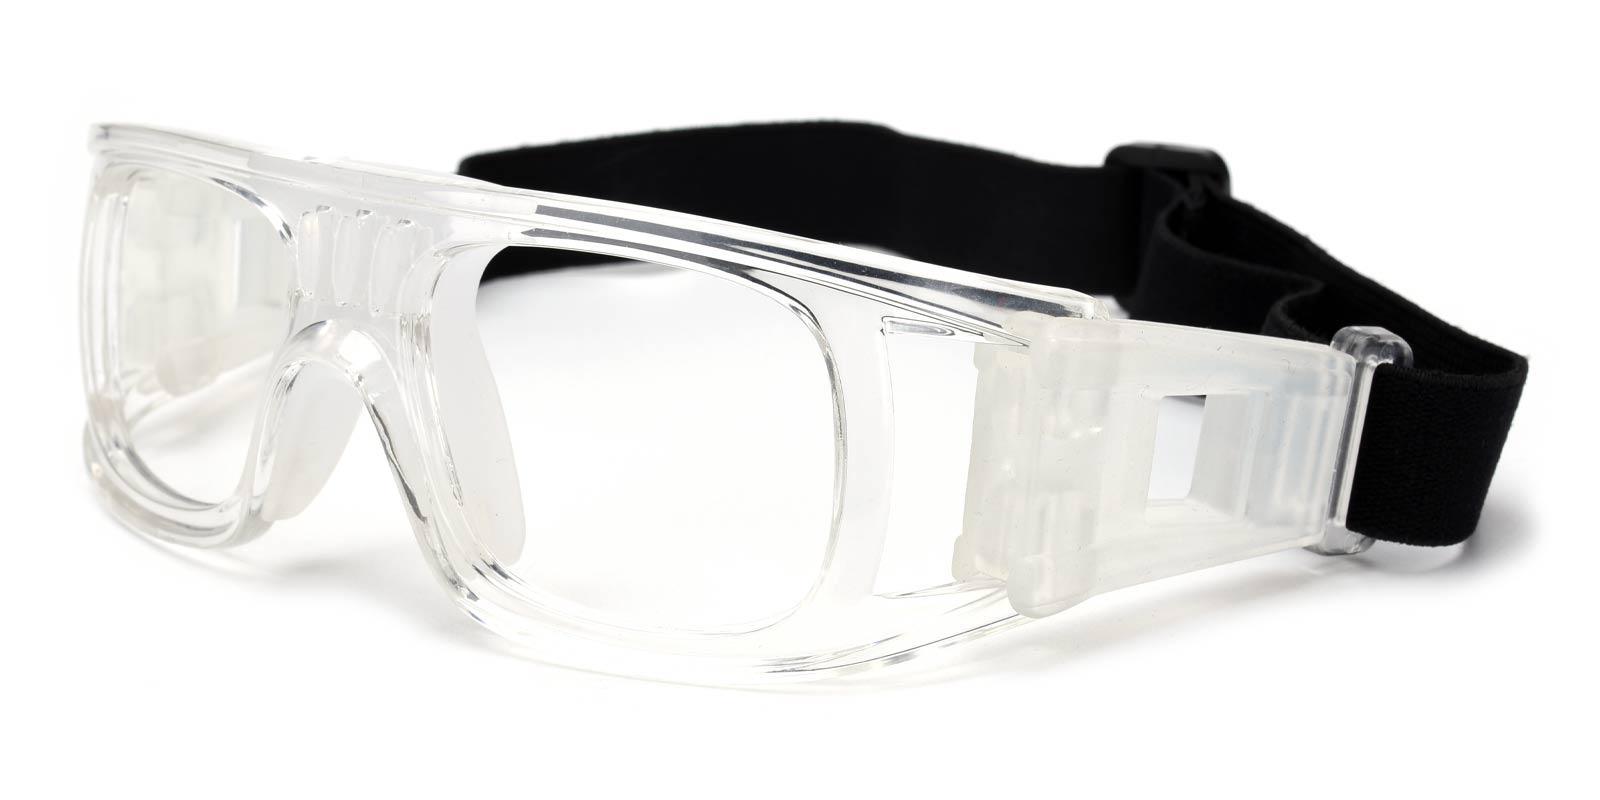 Hallettsville Translucent Plastic SportsGlasses Frames from ABBE Glasses